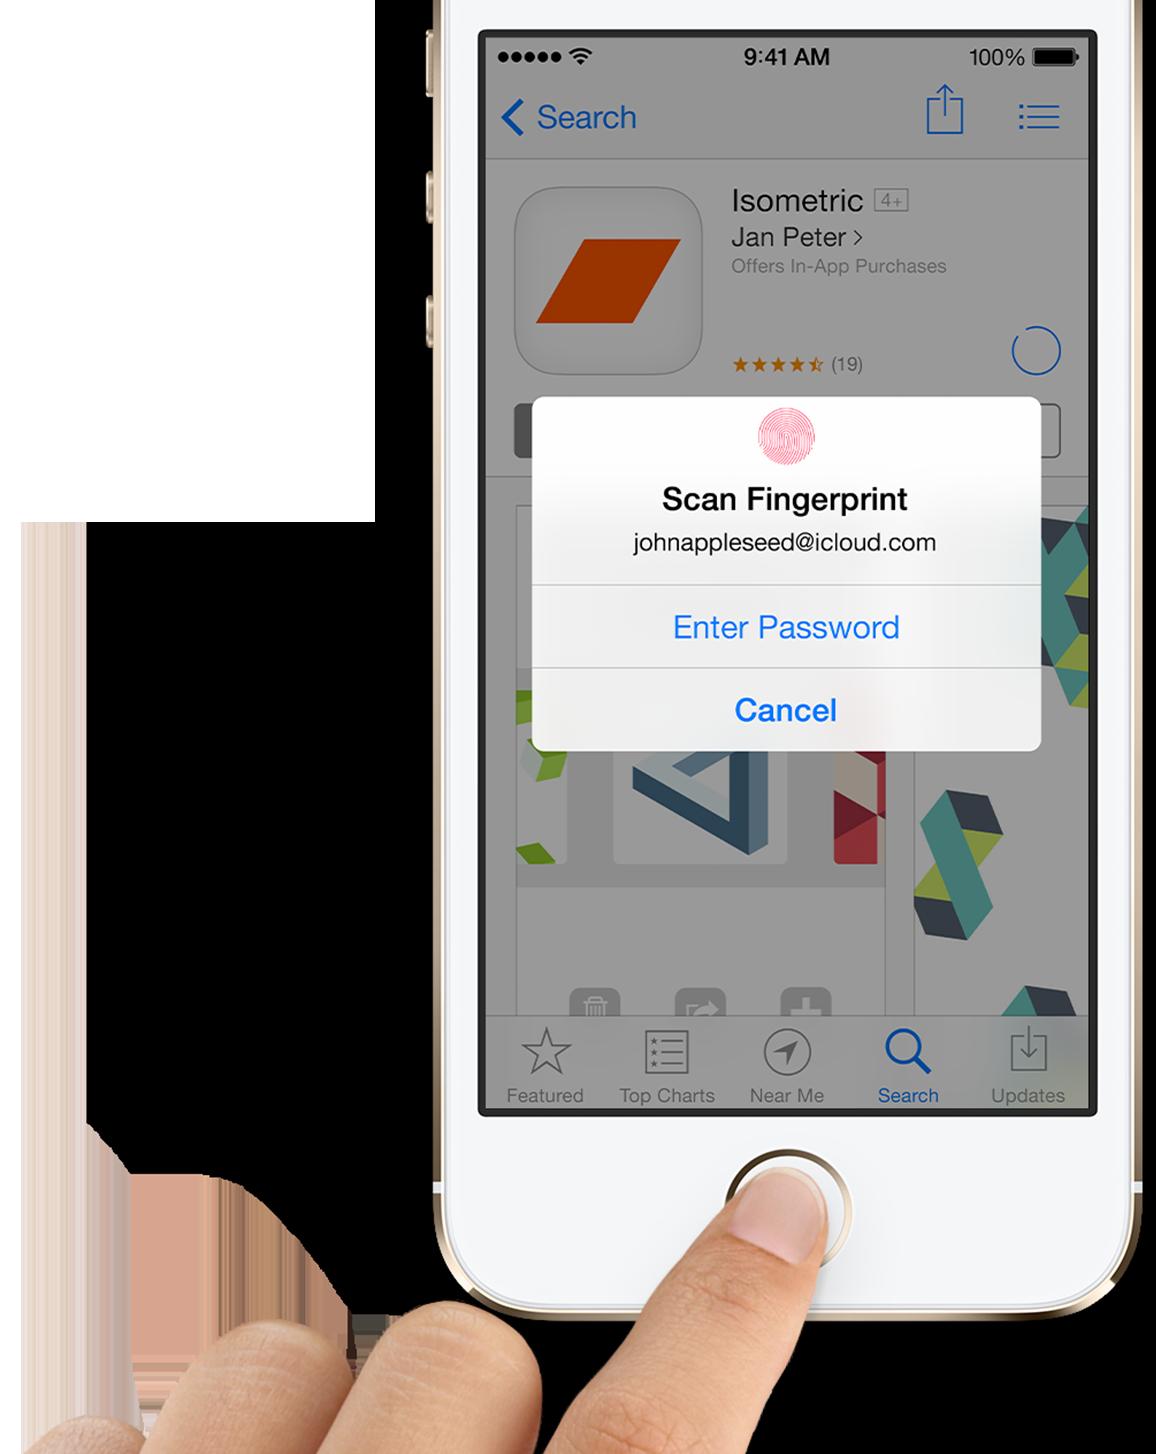 오류 53이 나타나거나 iPhone 또는 iPad를 업데이트 또는 복원할 수 없는 경우.